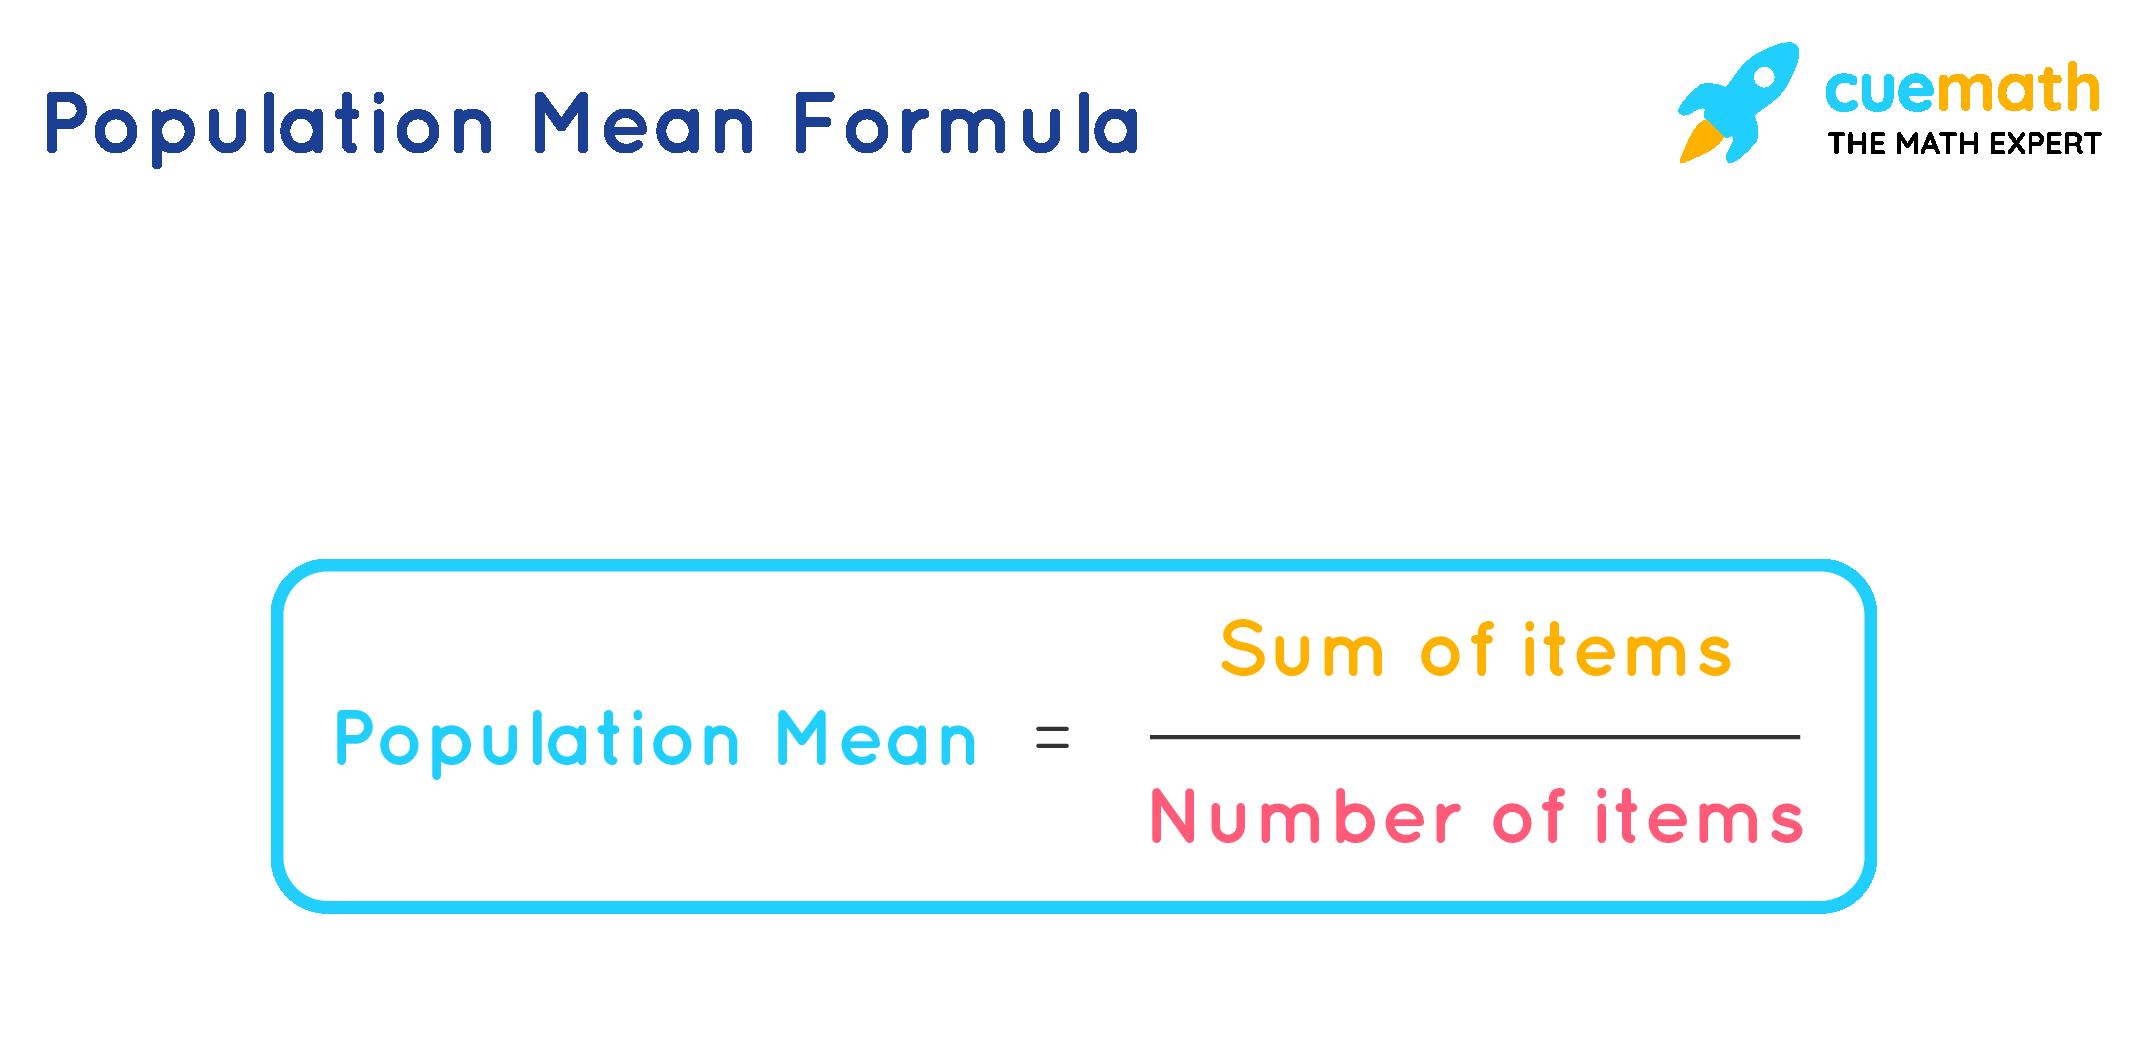 population mean formula